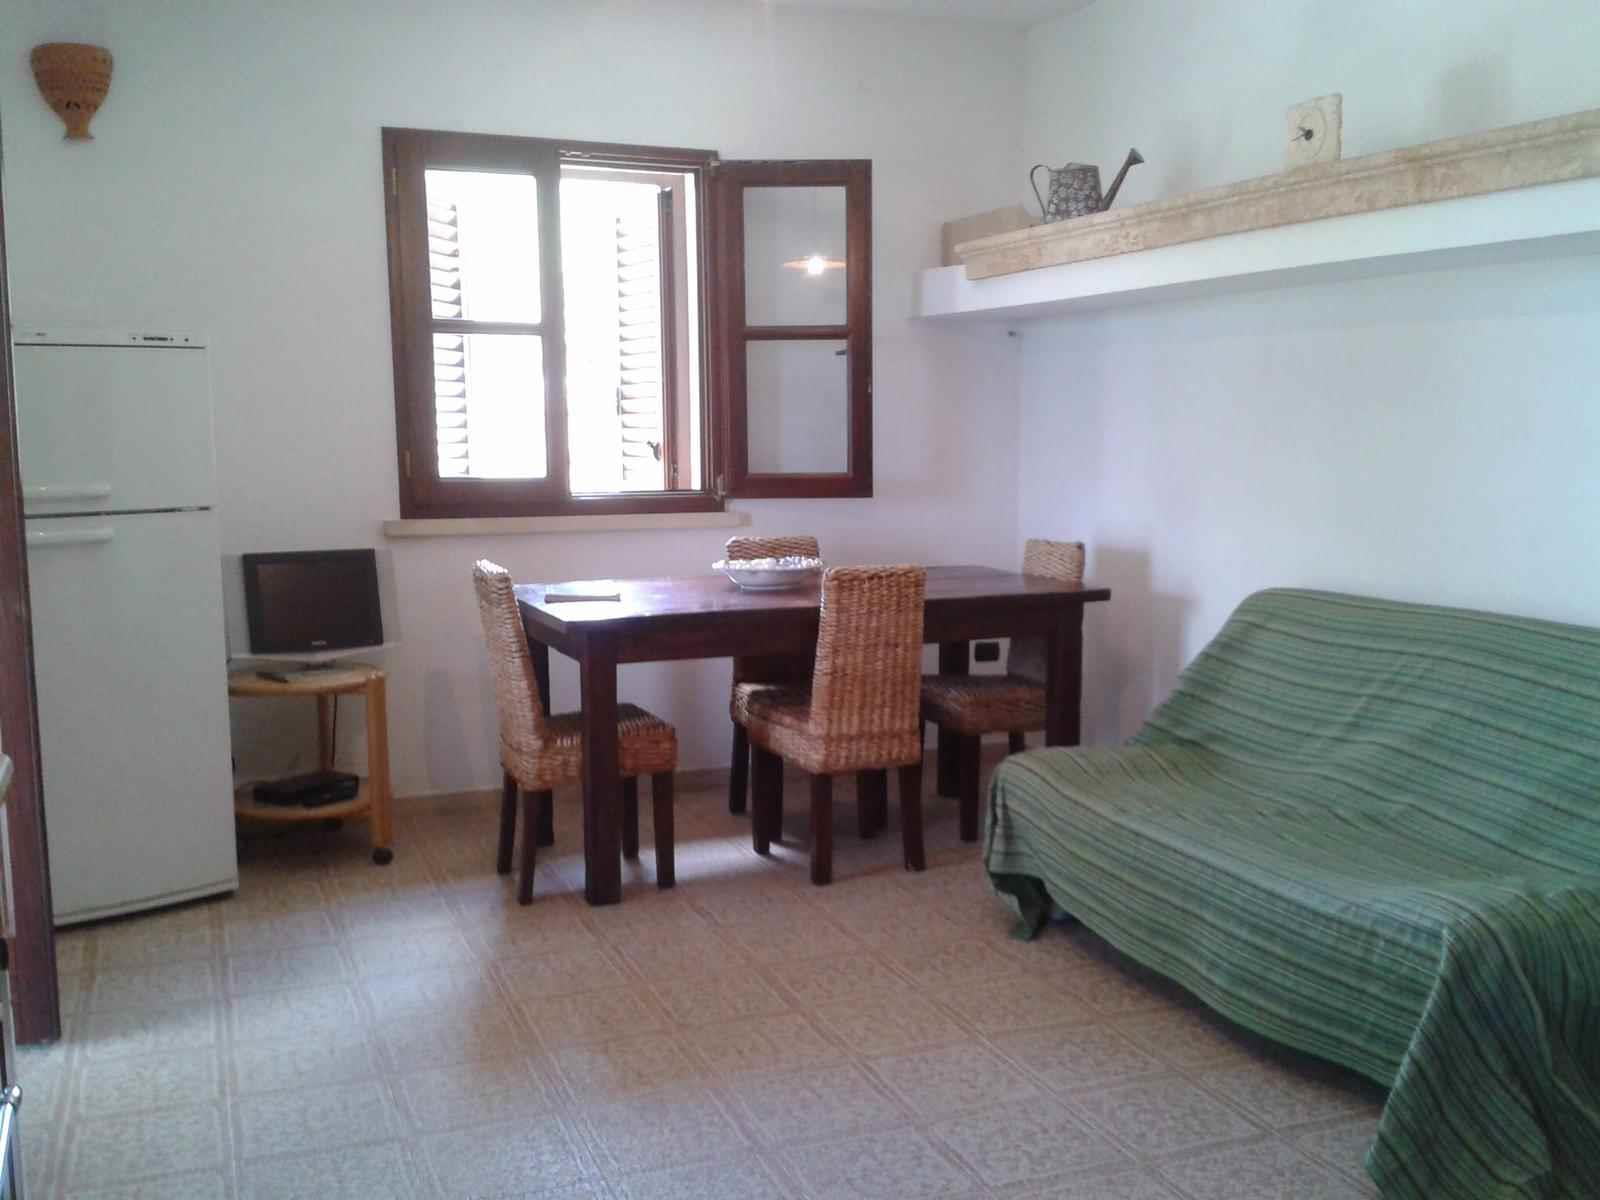 Apartment Mirto Sopra - casa in pietra sul mare photo 24830047